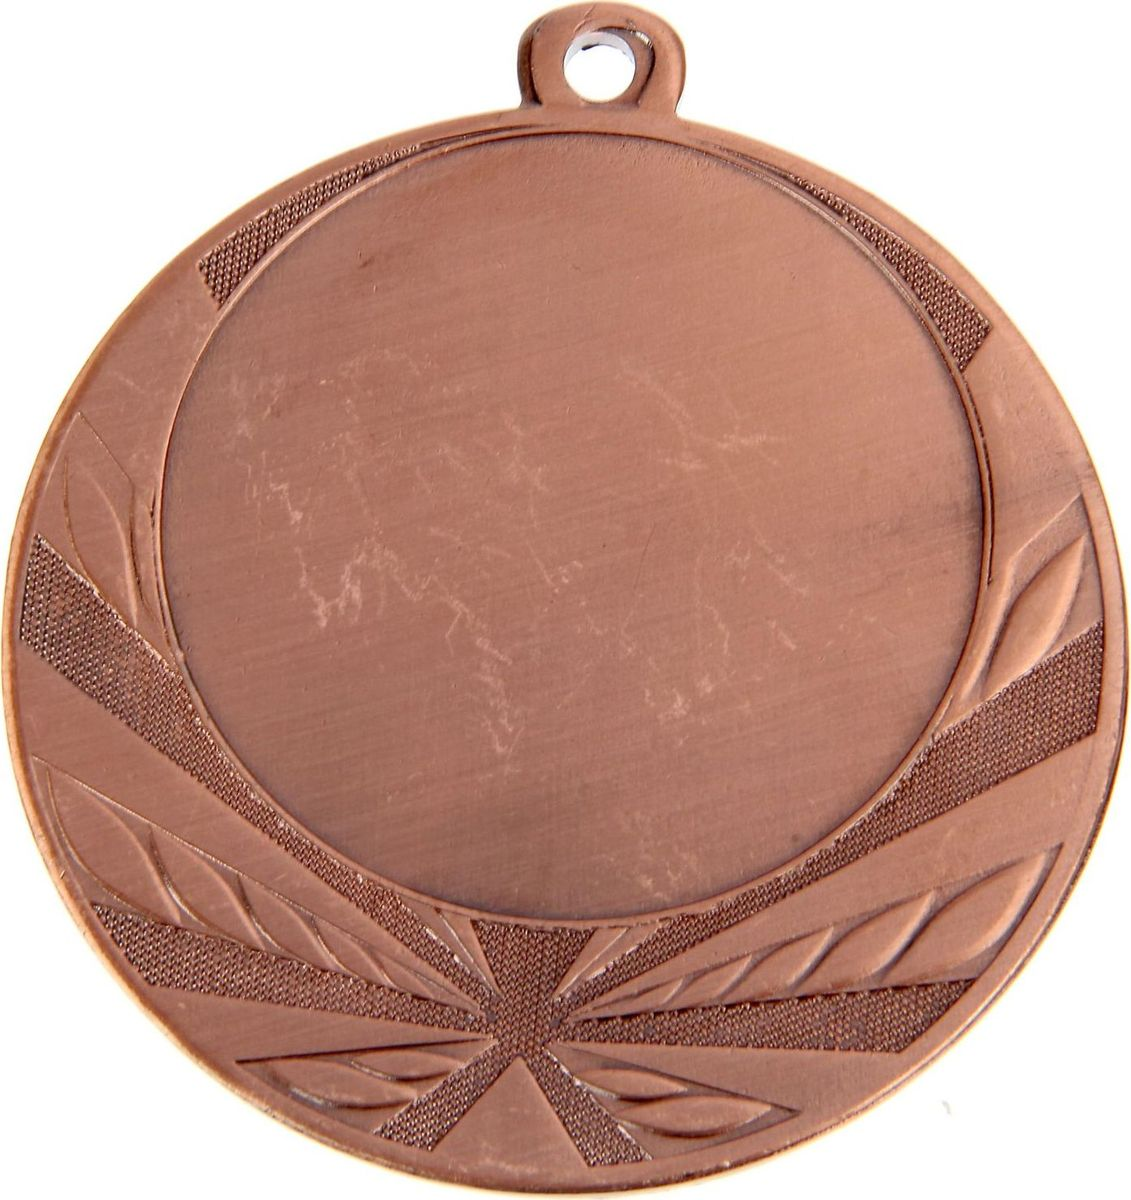 Медаль вручается лишь тем, кто проявил настойчивость и волю к победе, ведь такое событие должно оставаться в памяти на долгие годы. Любое спортивное состязание, профессиональное или среди любителей, любое корпоративное мероприятие — отличный повод для того, чтобы отметить лучших из лучших. Характеристики:  Диаметр медали: 7 см Диаметр вкладыша (лицо): 5 см Диаметр вкладыша (оборот): 5 см.